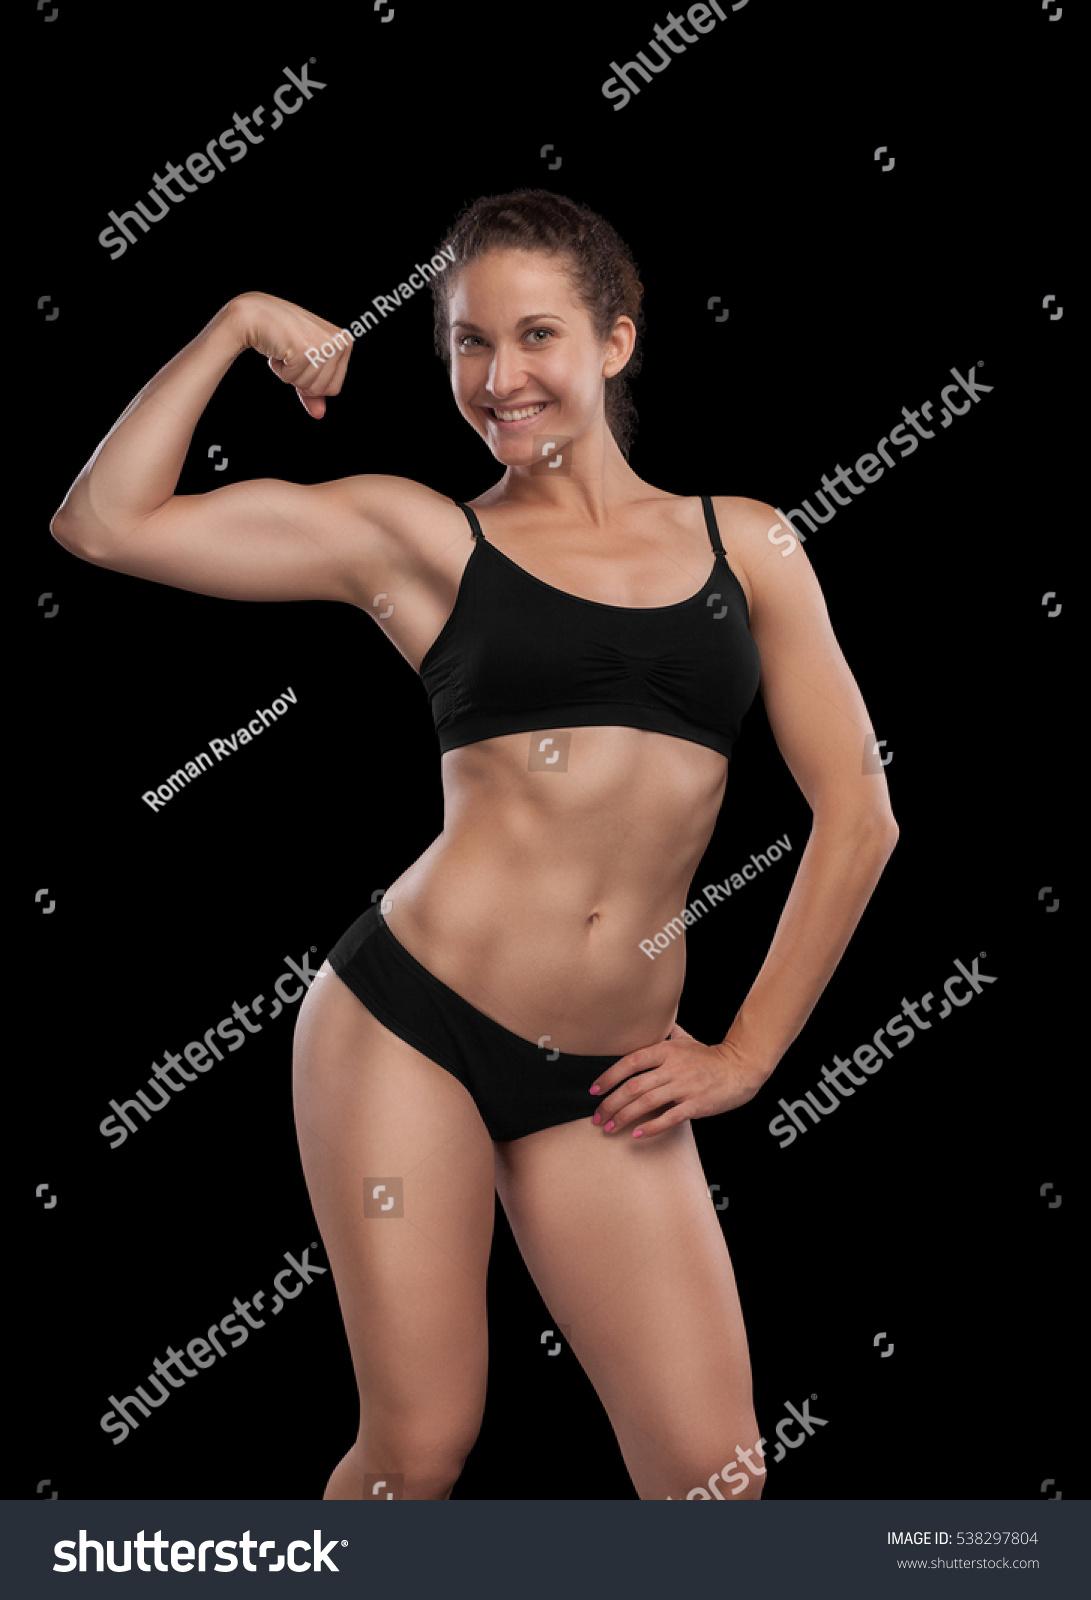 sexy best body